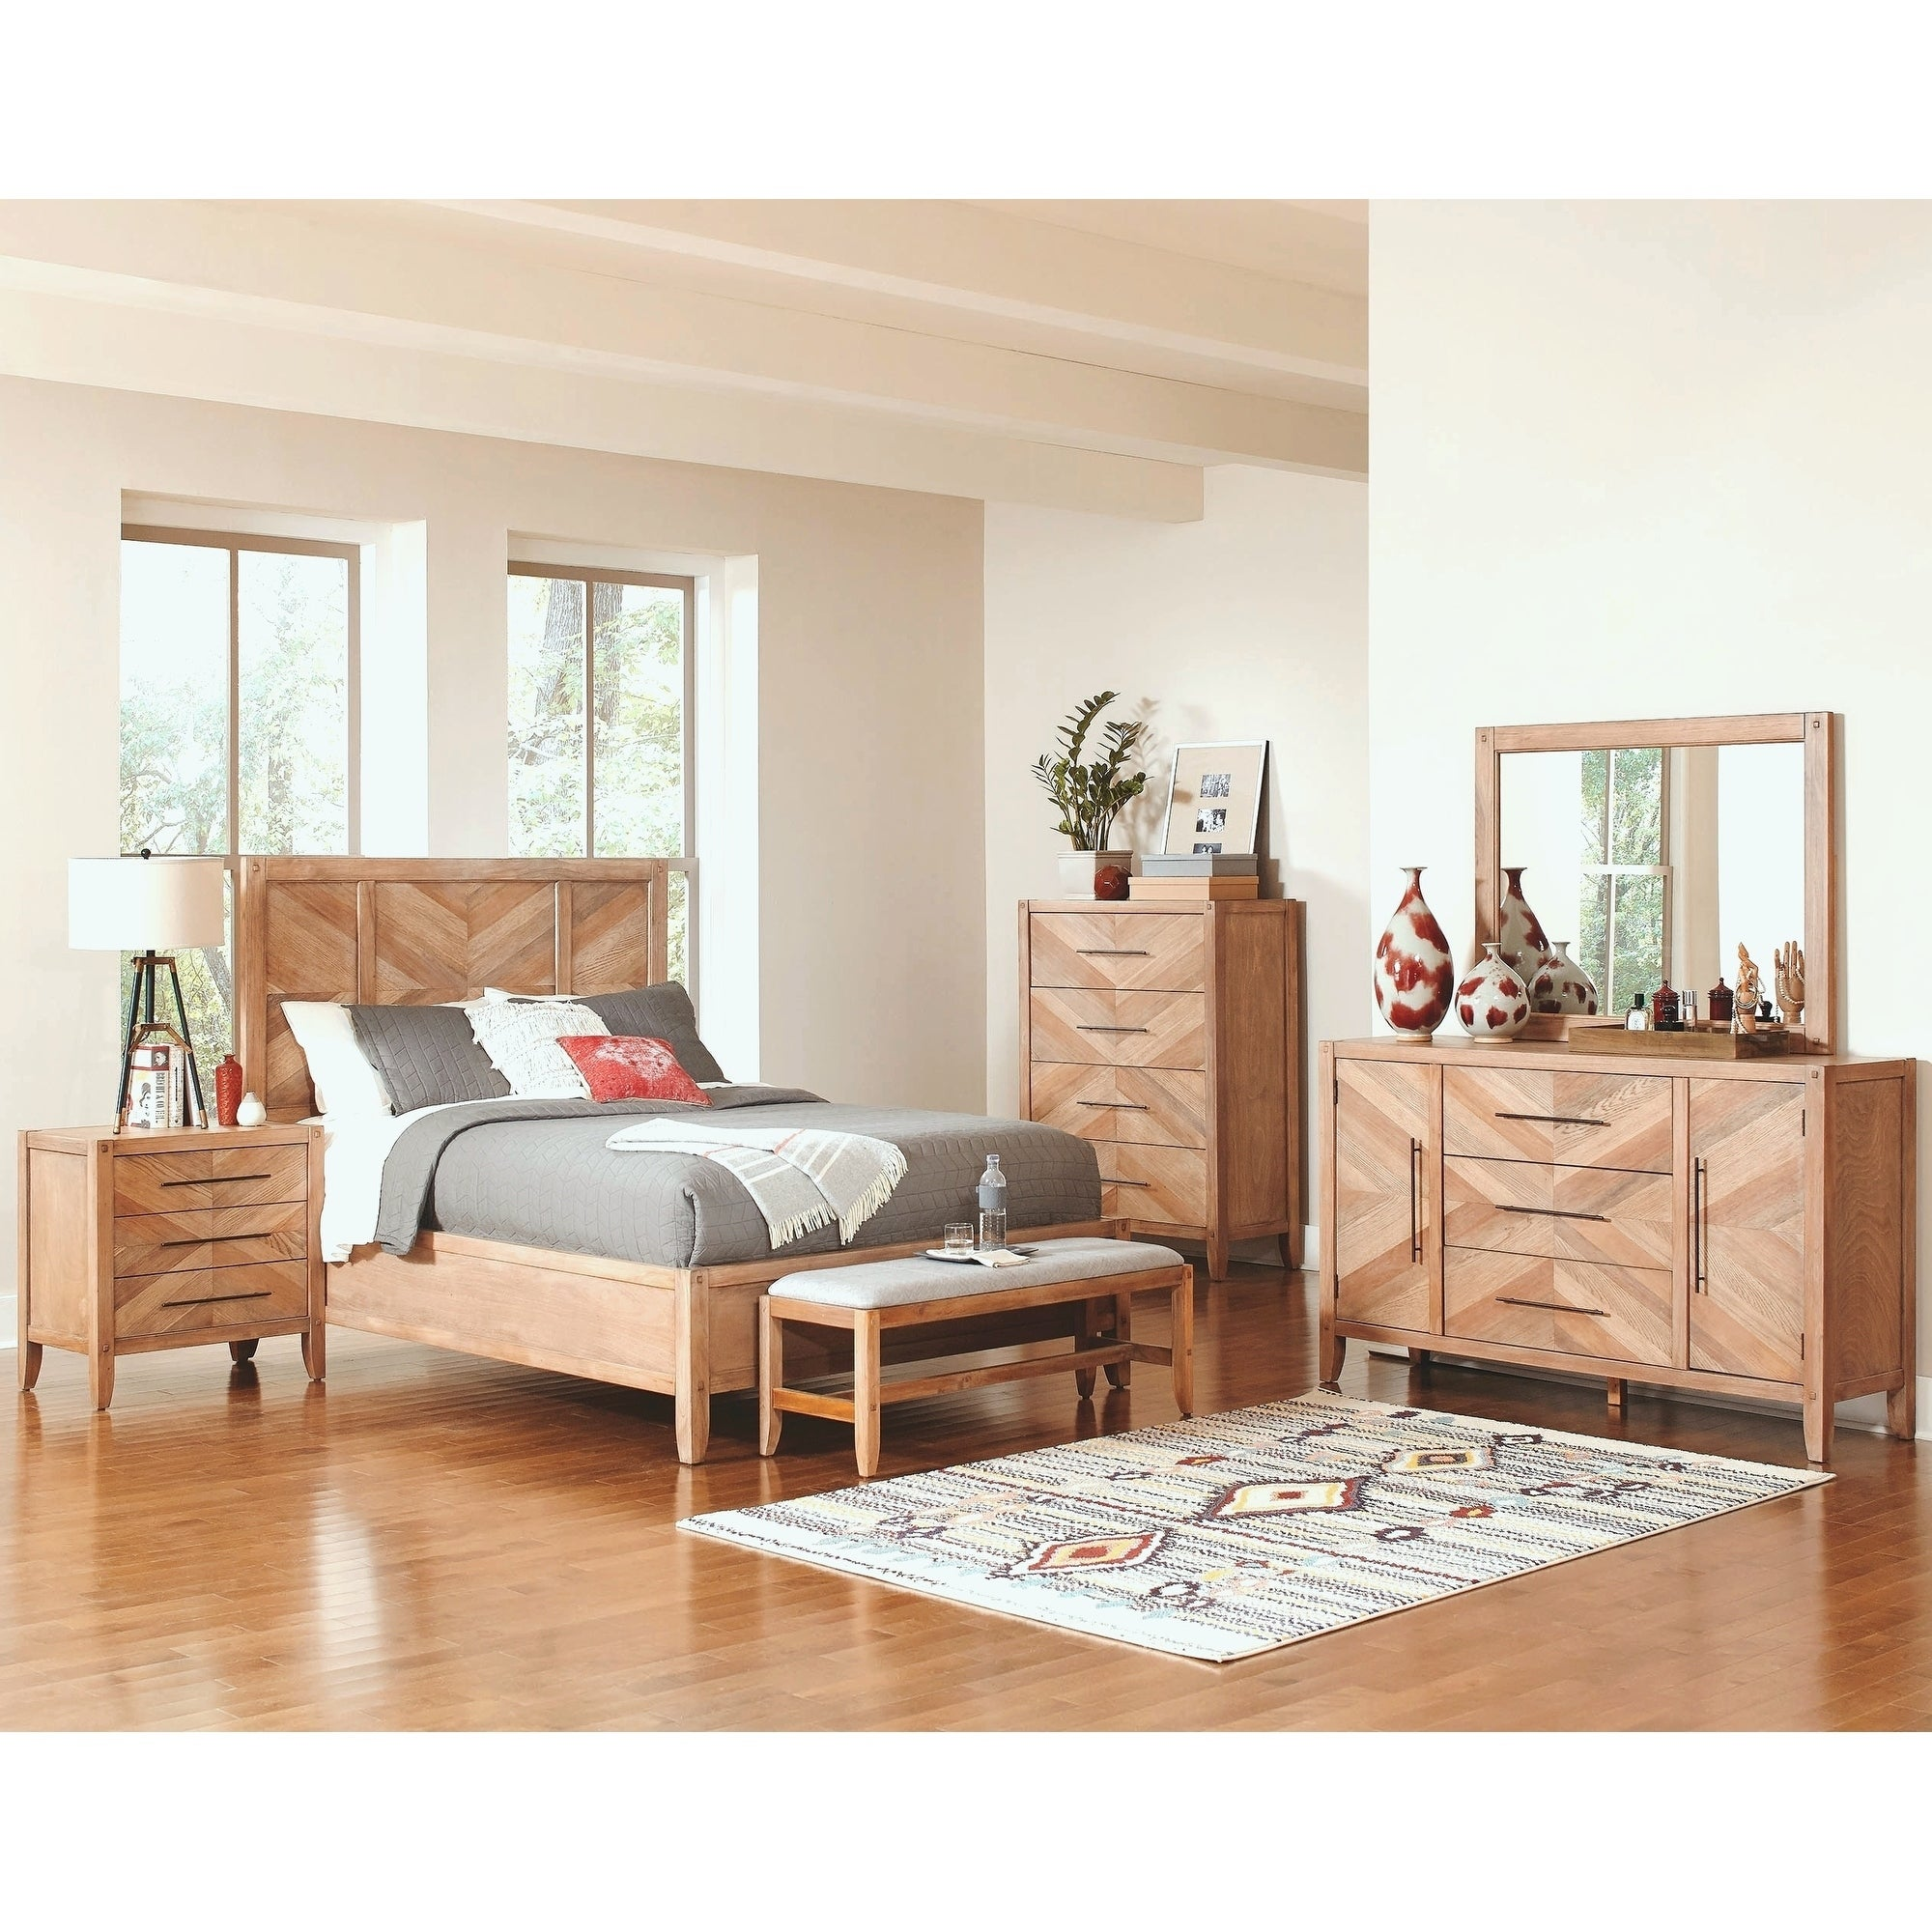 Loft Design Natural Withwashed Wood 5 Piece Bedroom Set On Sale Overstock 28596459